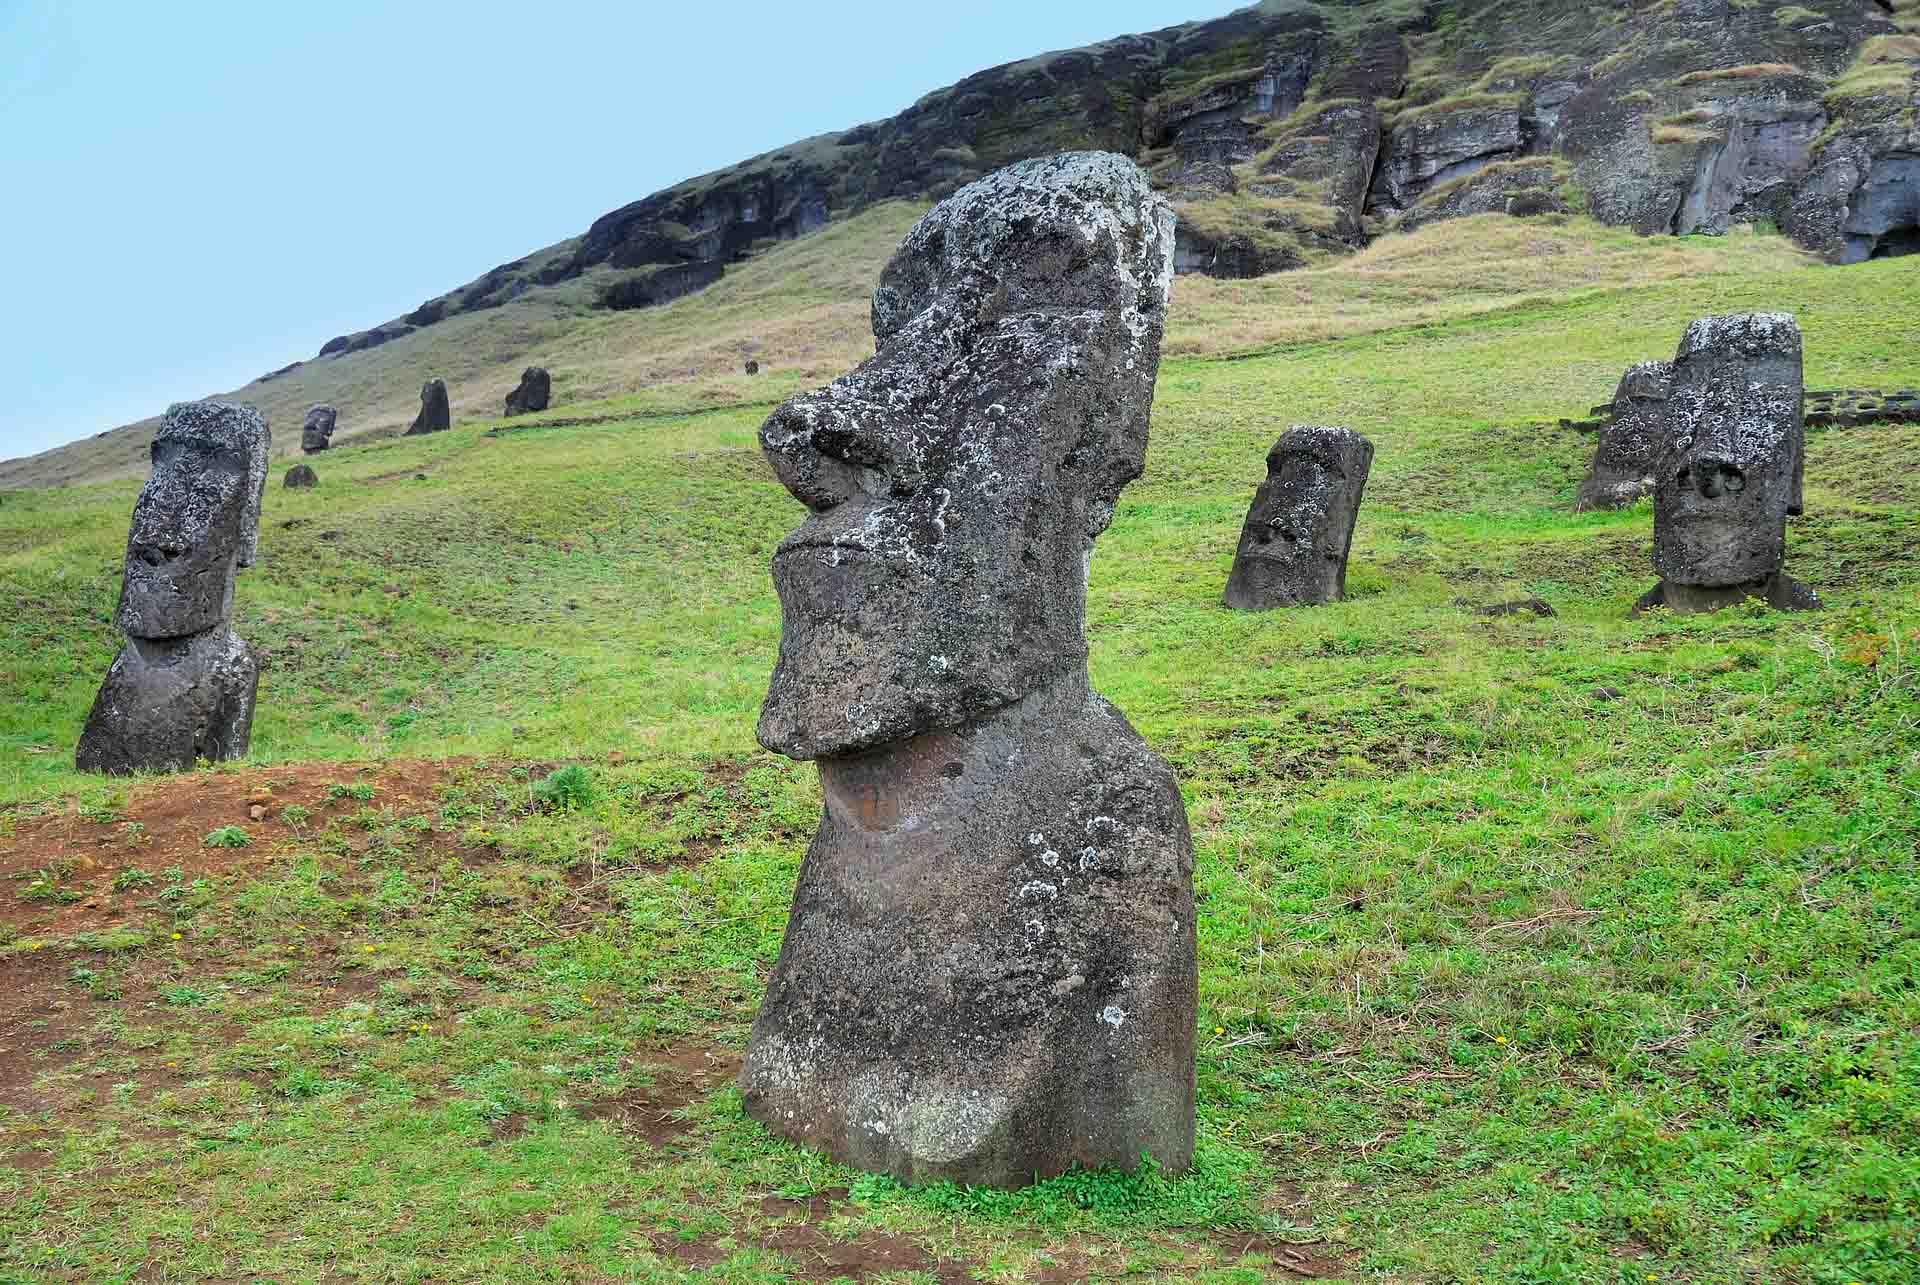 Las estatuas moai son unas figuras misteriosas de la Isla de Pascua